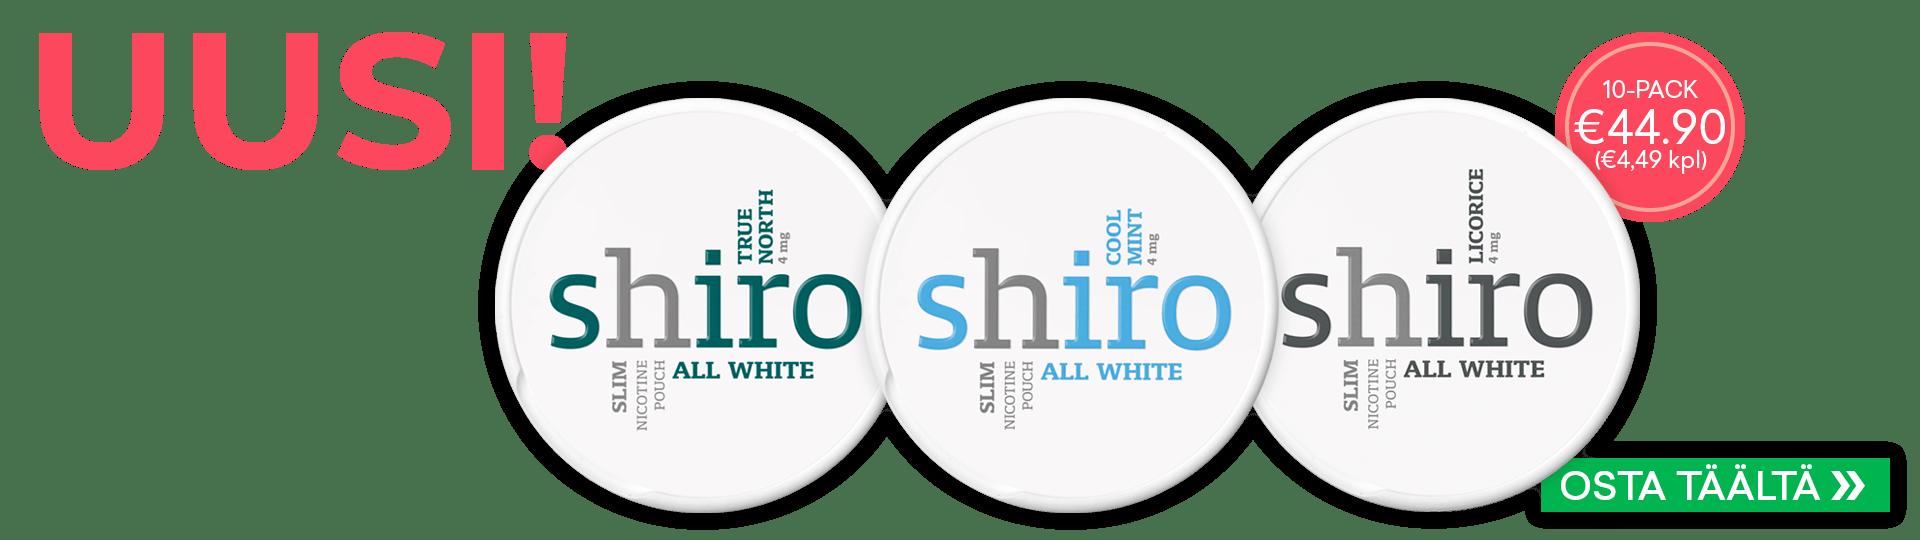 Uusi Shiro!